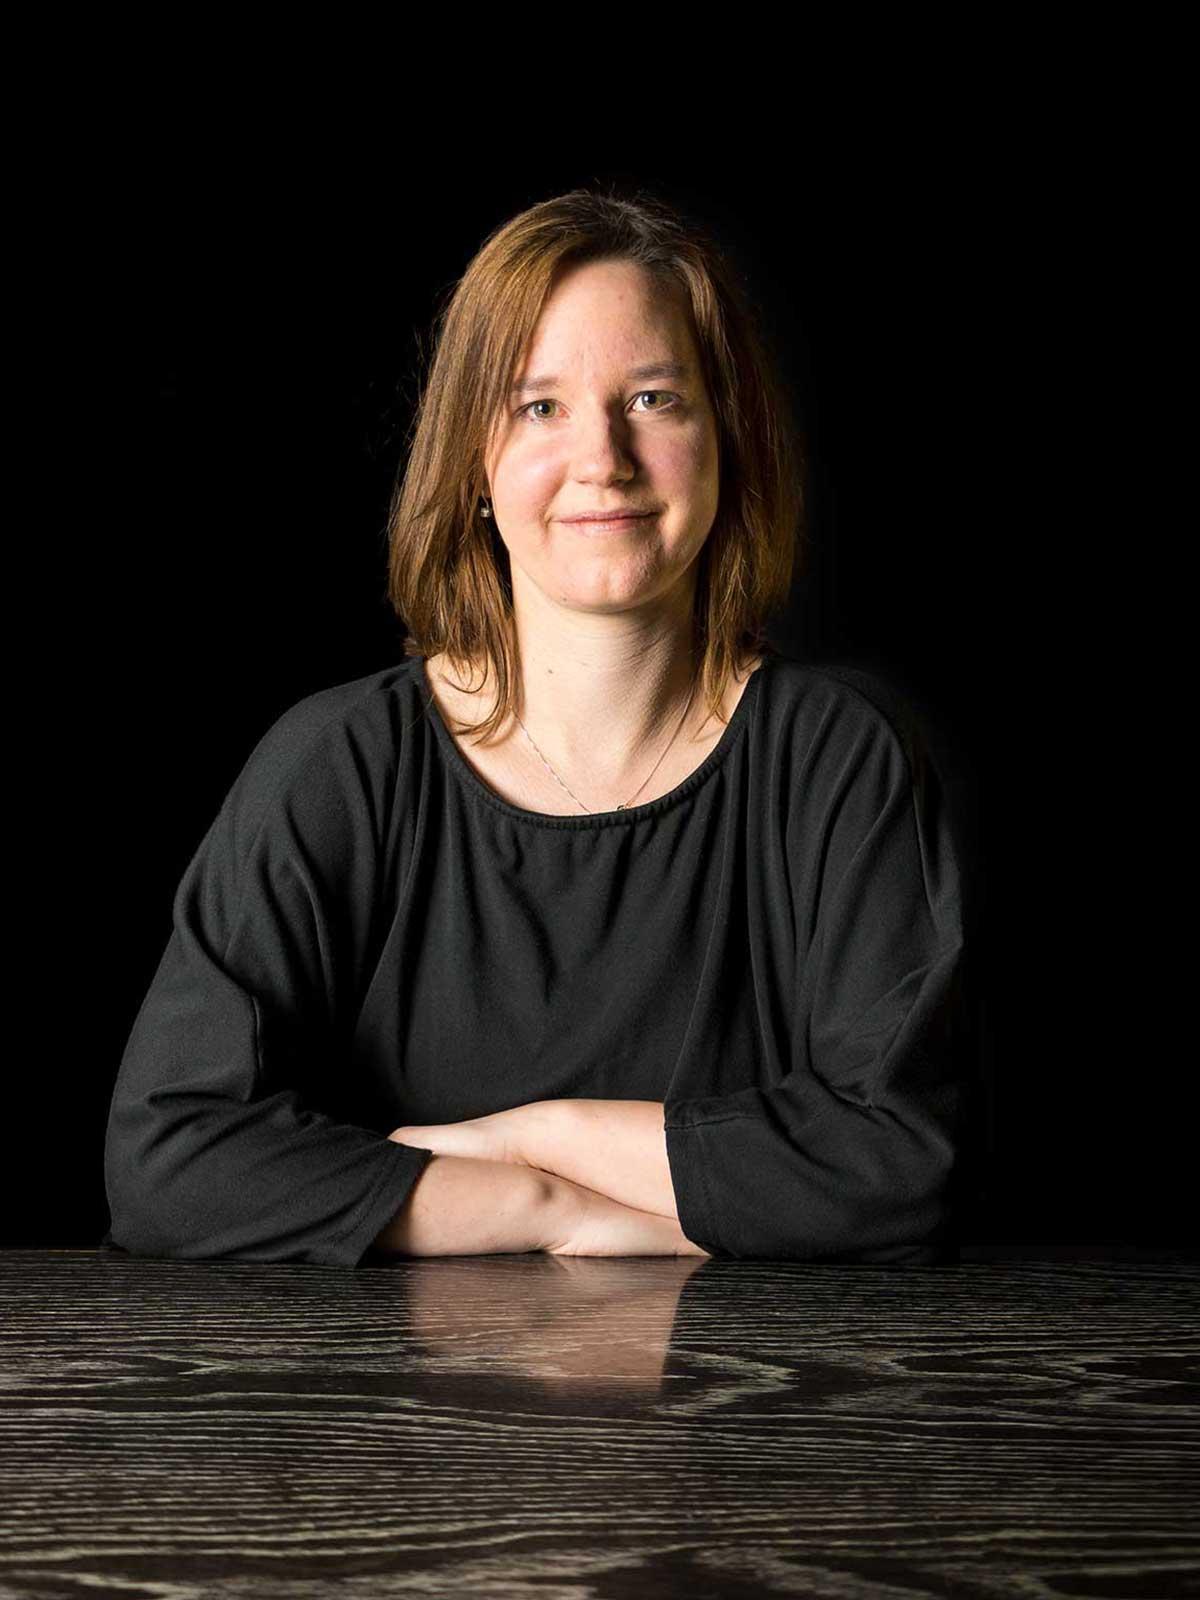 Manuela Keller, postversand, spedition, avd goldach ag